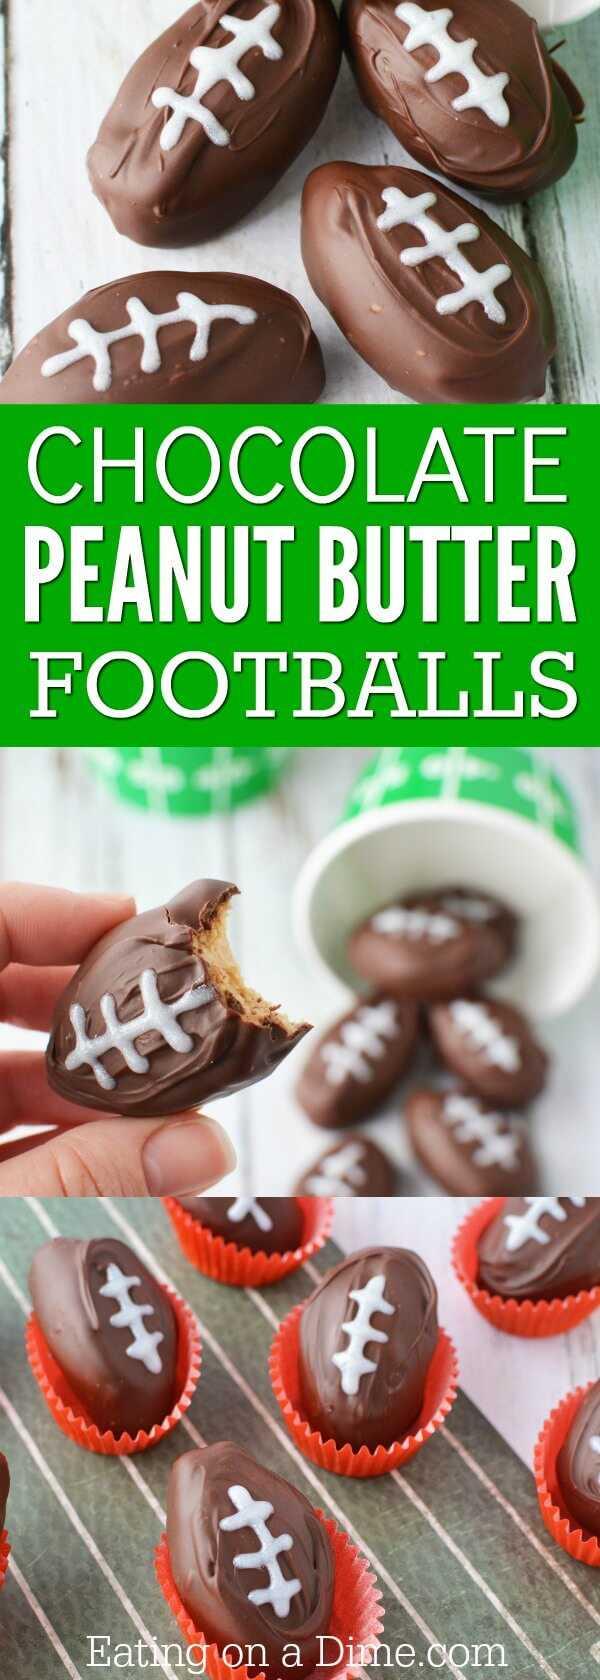 ¡Disfruta de estas bolas de mantequilla de maní de chocolate en forma de fútbol que son perfectas para el gran juego! ¡Cremoso y delicioso y tan lindo! Obtén todos los consejos aquí.